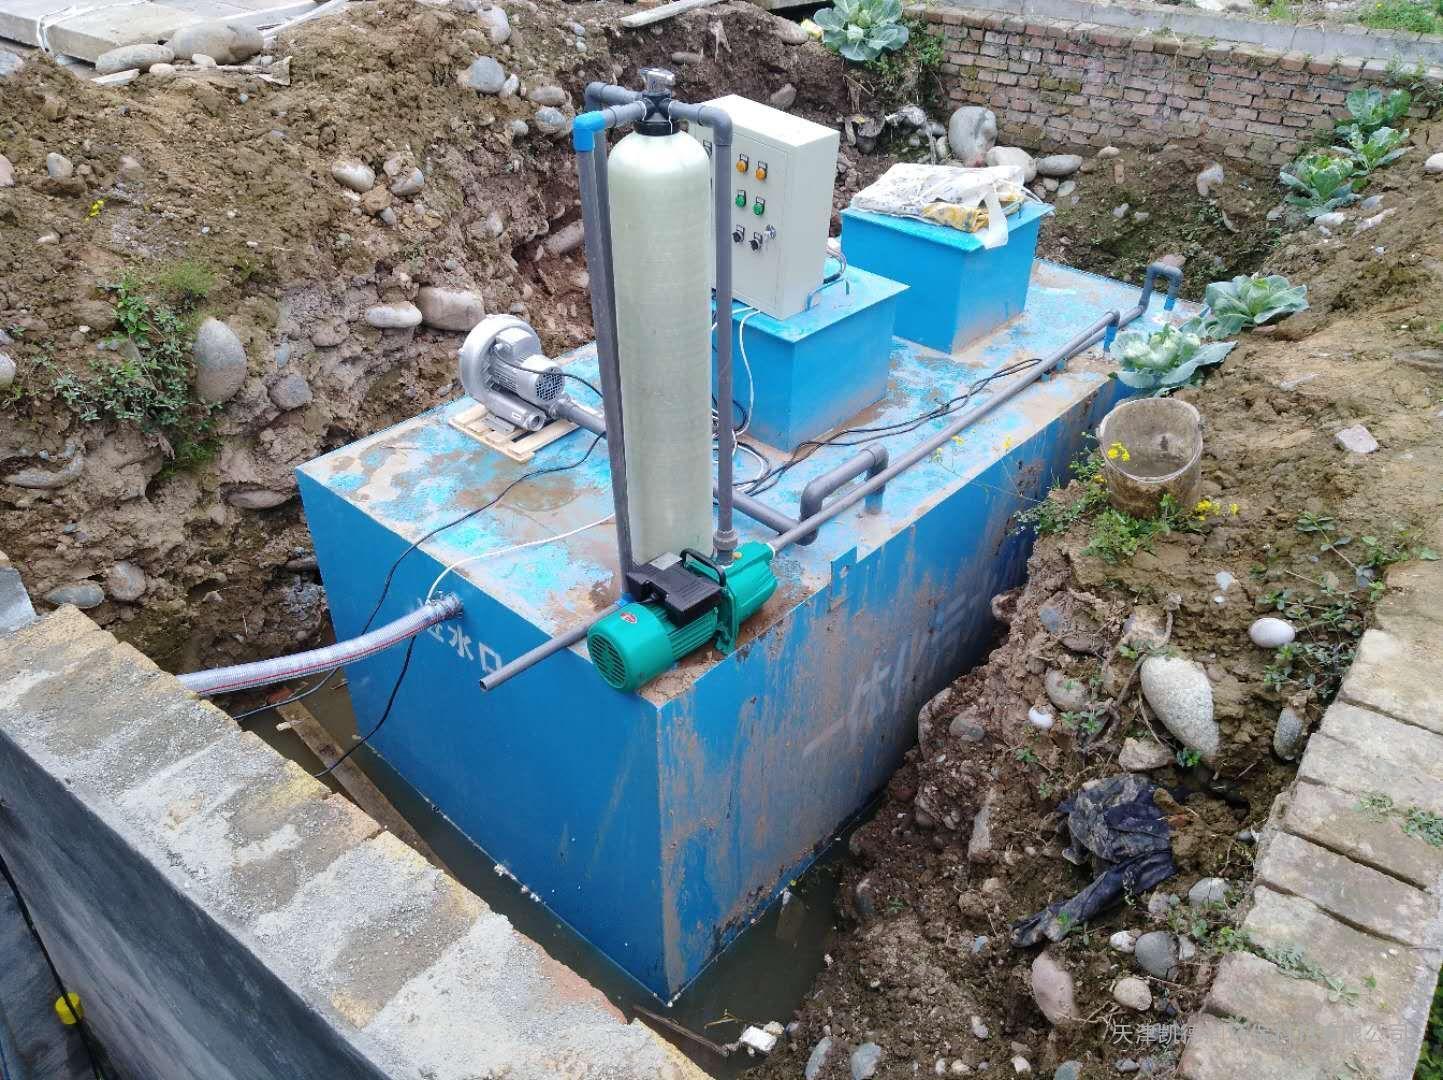 农村生活污水处理设备处理流程及适用范围